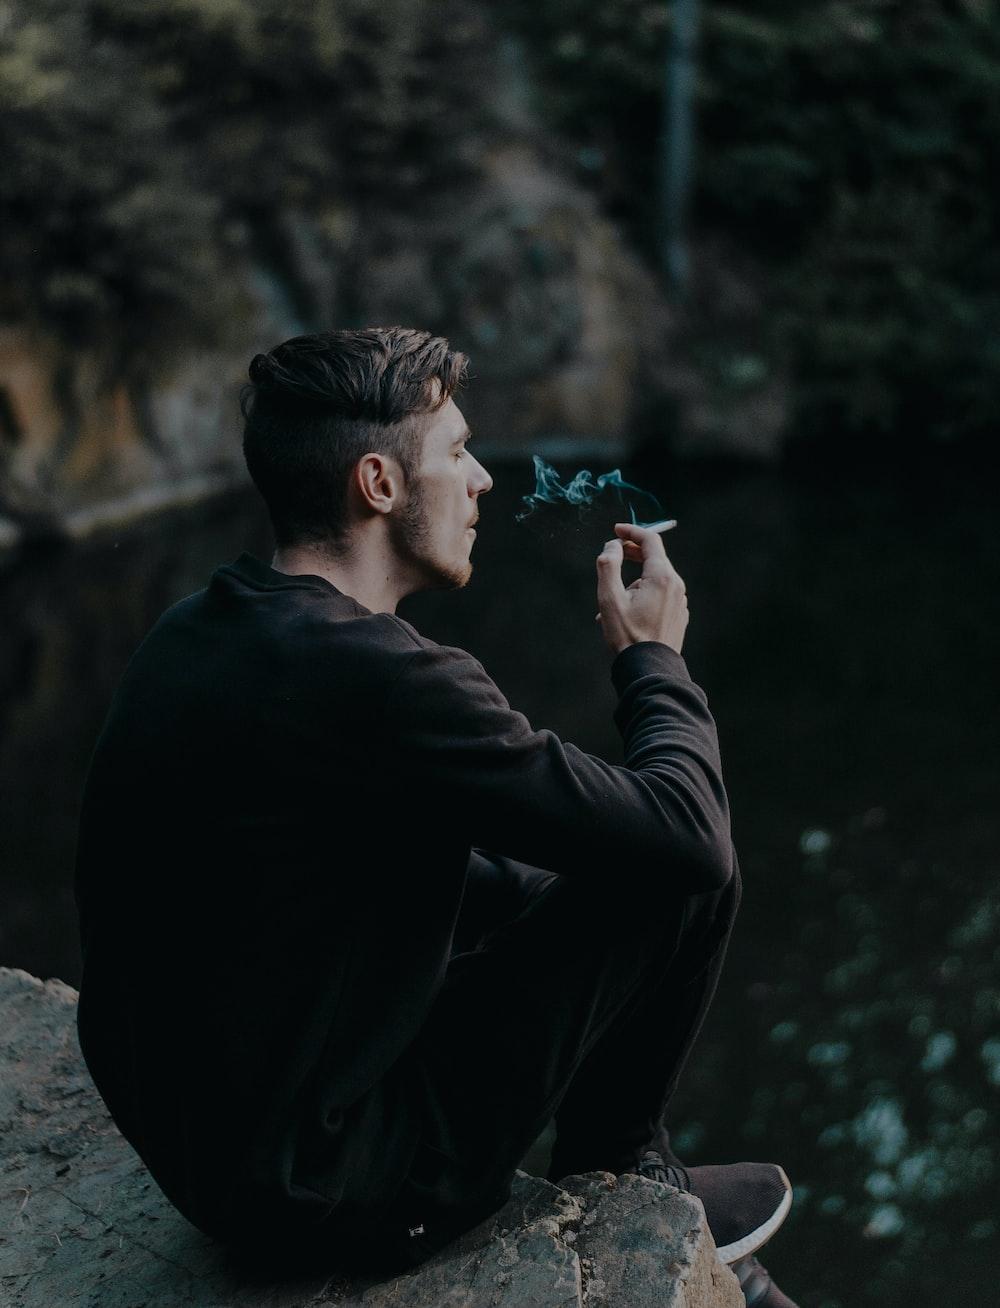 man sitting on cliff while smoking